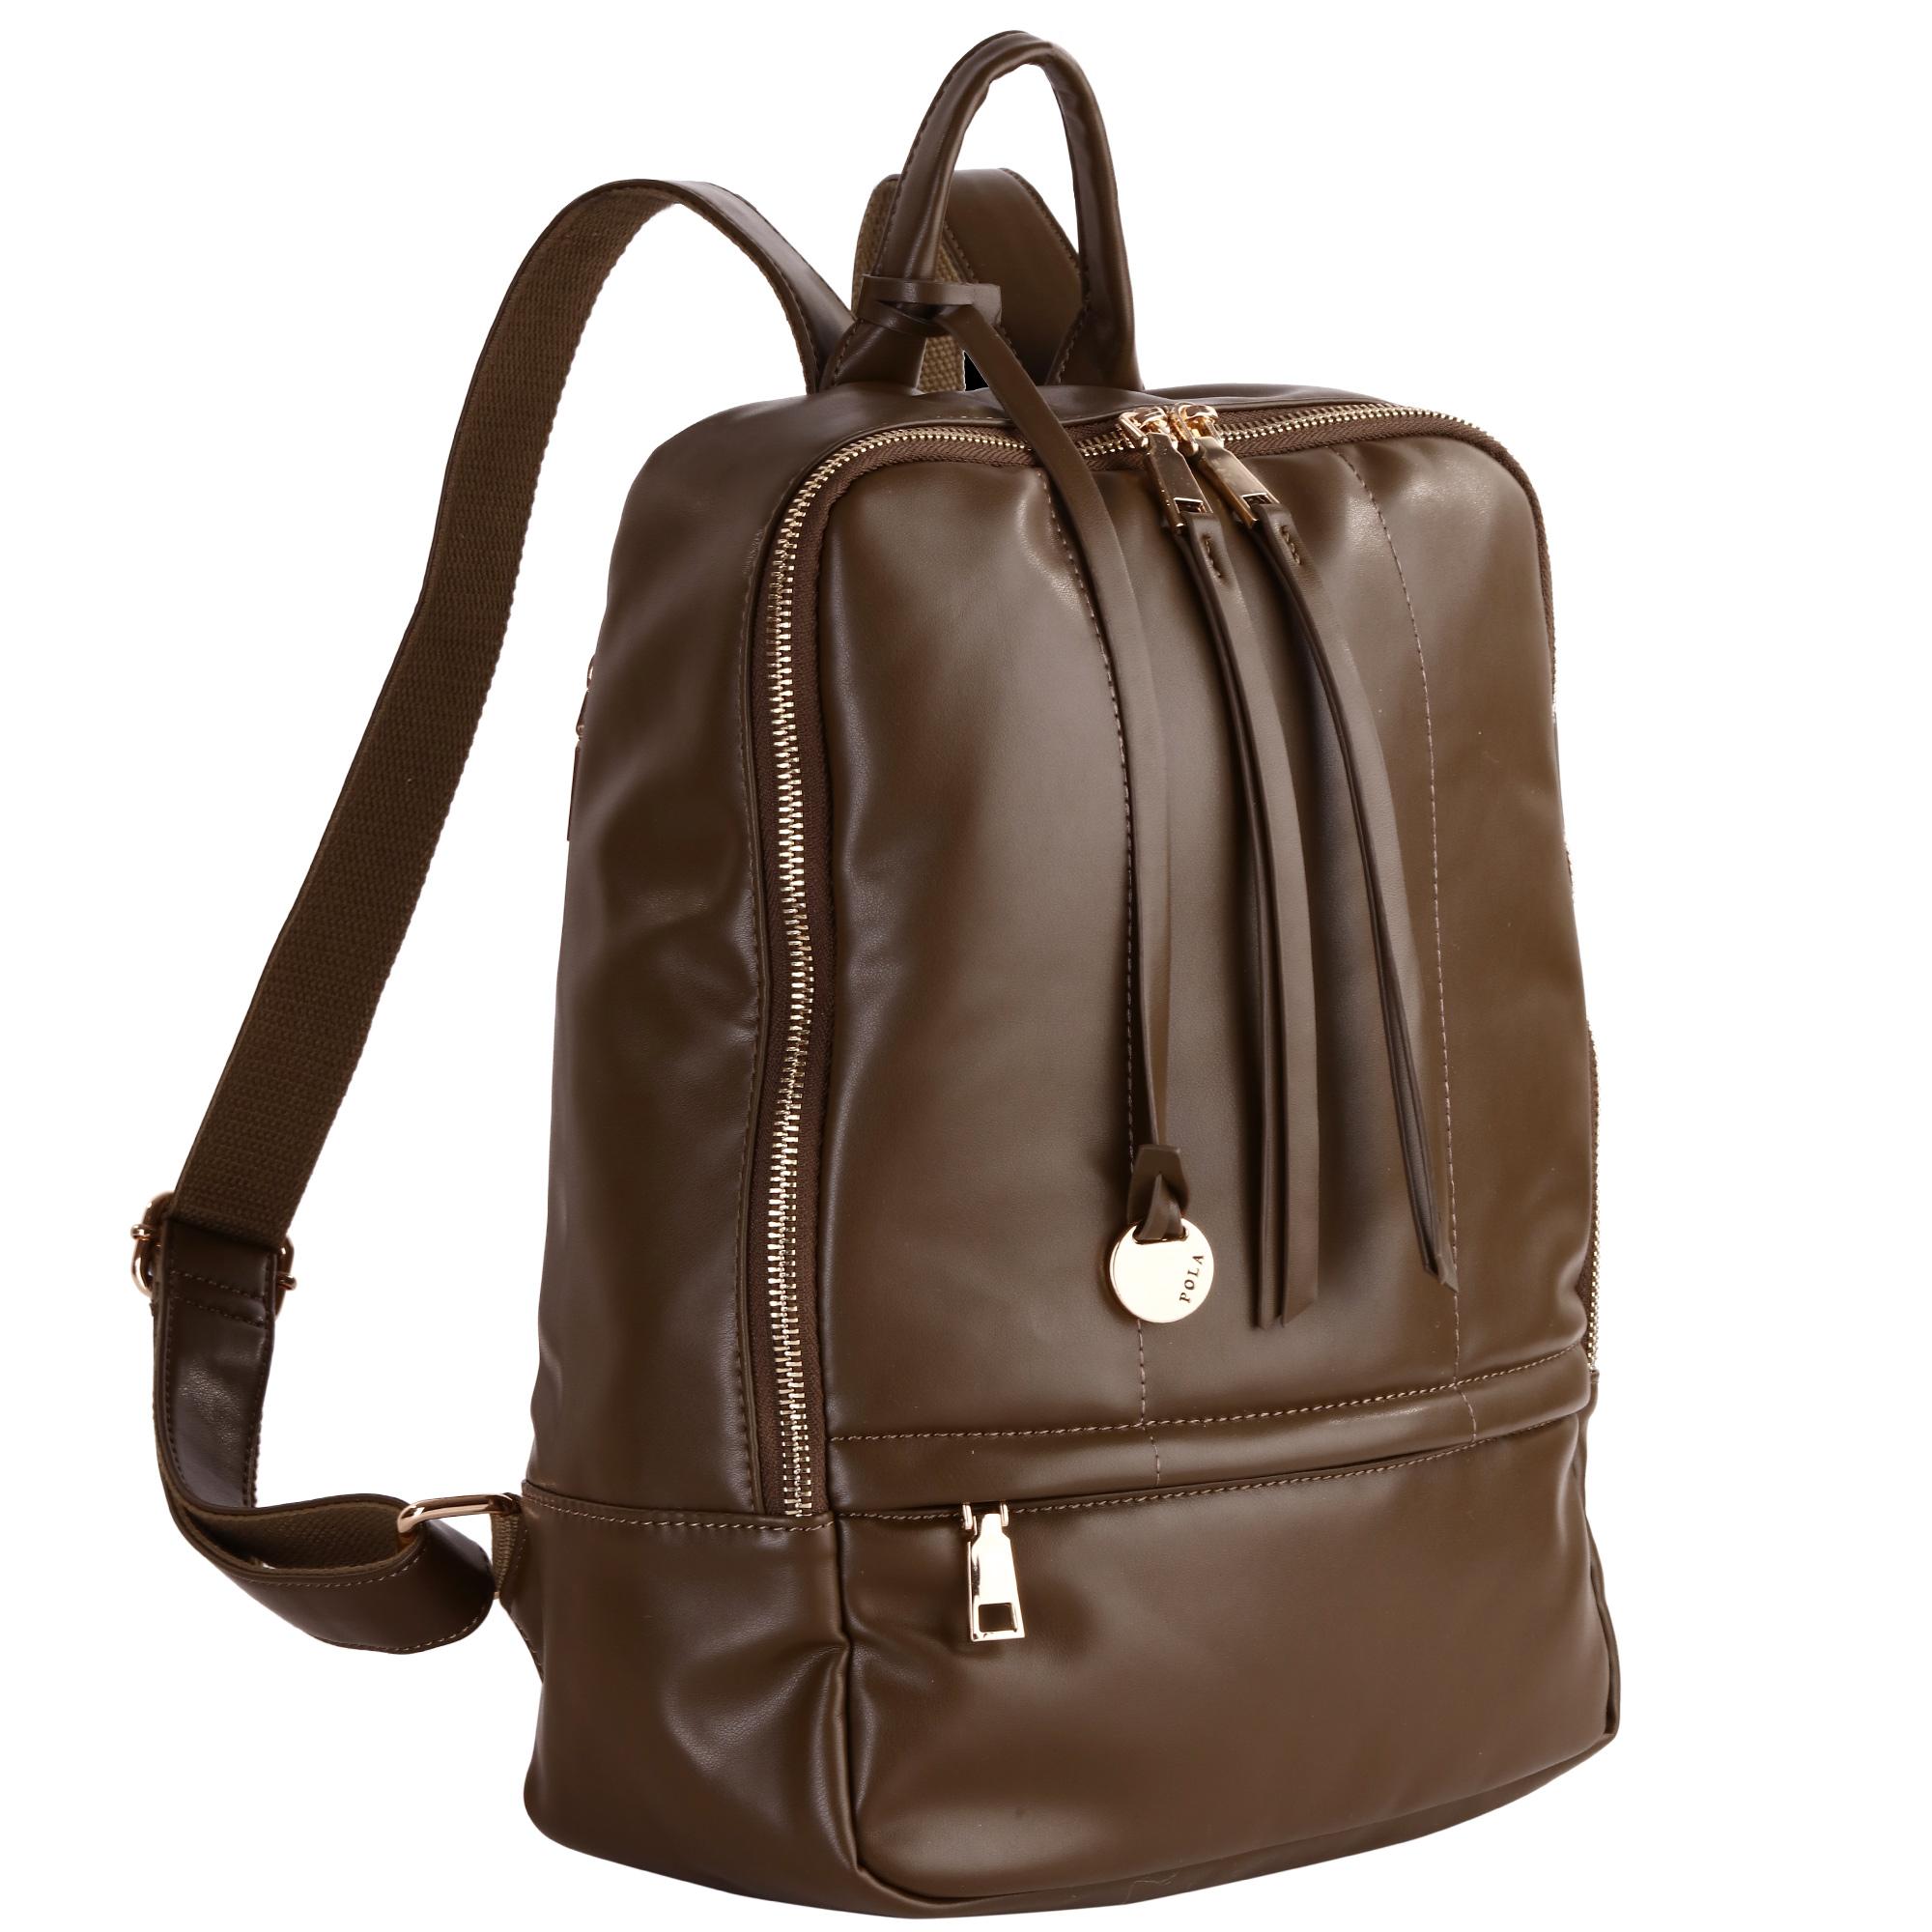 Рюкзак женский Pola, цвет: хаки. 4412S76245Стильный женский рюкзак Pola - очень практичен в повседневном использовании. Основное отделение закрывается на металлическую молнию. Внутри - два кармана на молниях и два открытых кармашка. Снаружи – карманы на молниях сзади и спереди рюкзака. Лямки регулируются по длине.Эта универсальная модель идеально подойдет как для путешествий, так и для учебы или работы, а так же позволит вам взять с собой все самое необходимое.